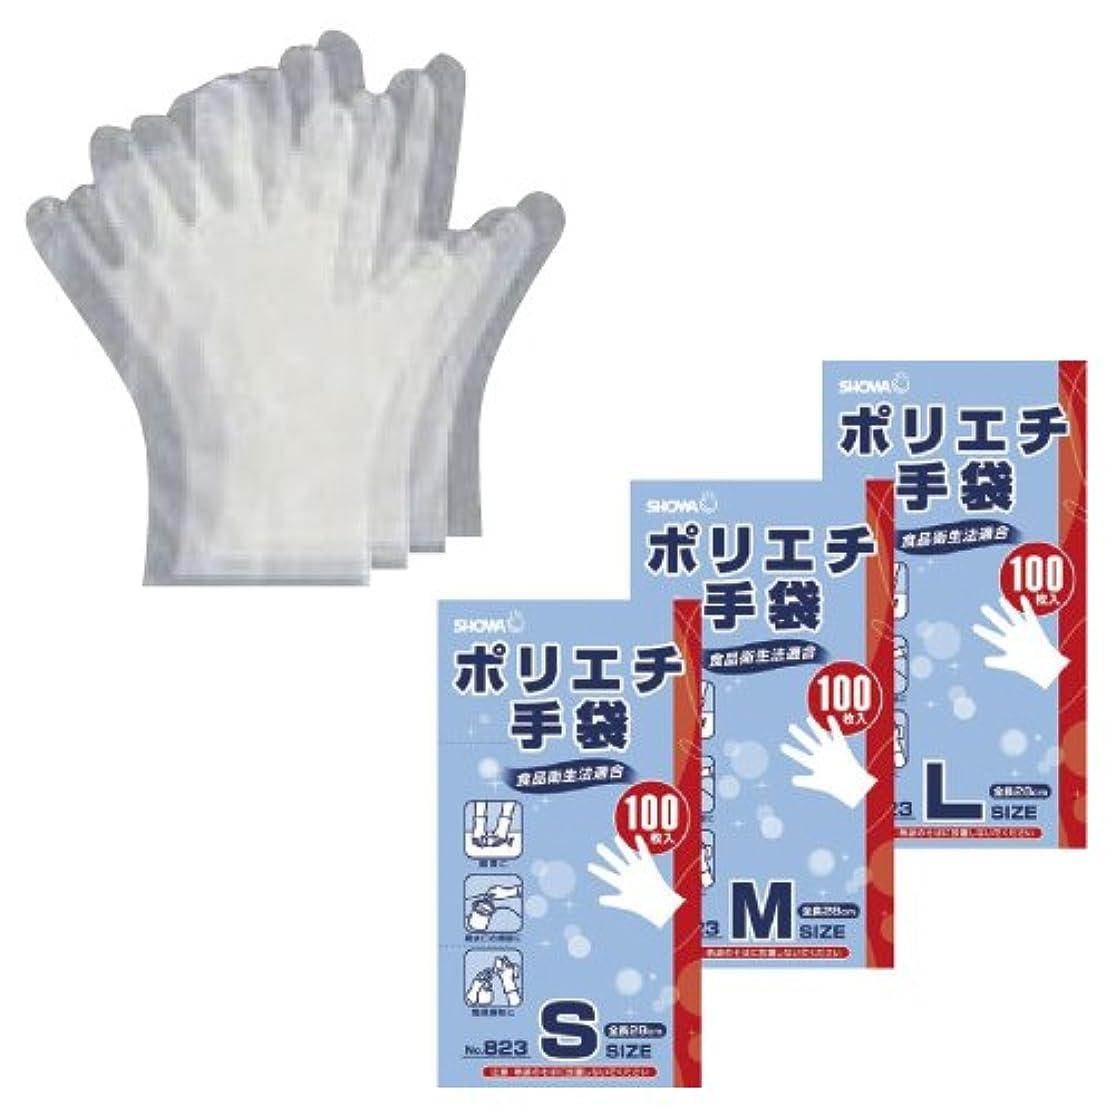 見通し株式会社手荷物ポリエチ手袋(半透明) NO.823(L)100????????????(23-7247-02)